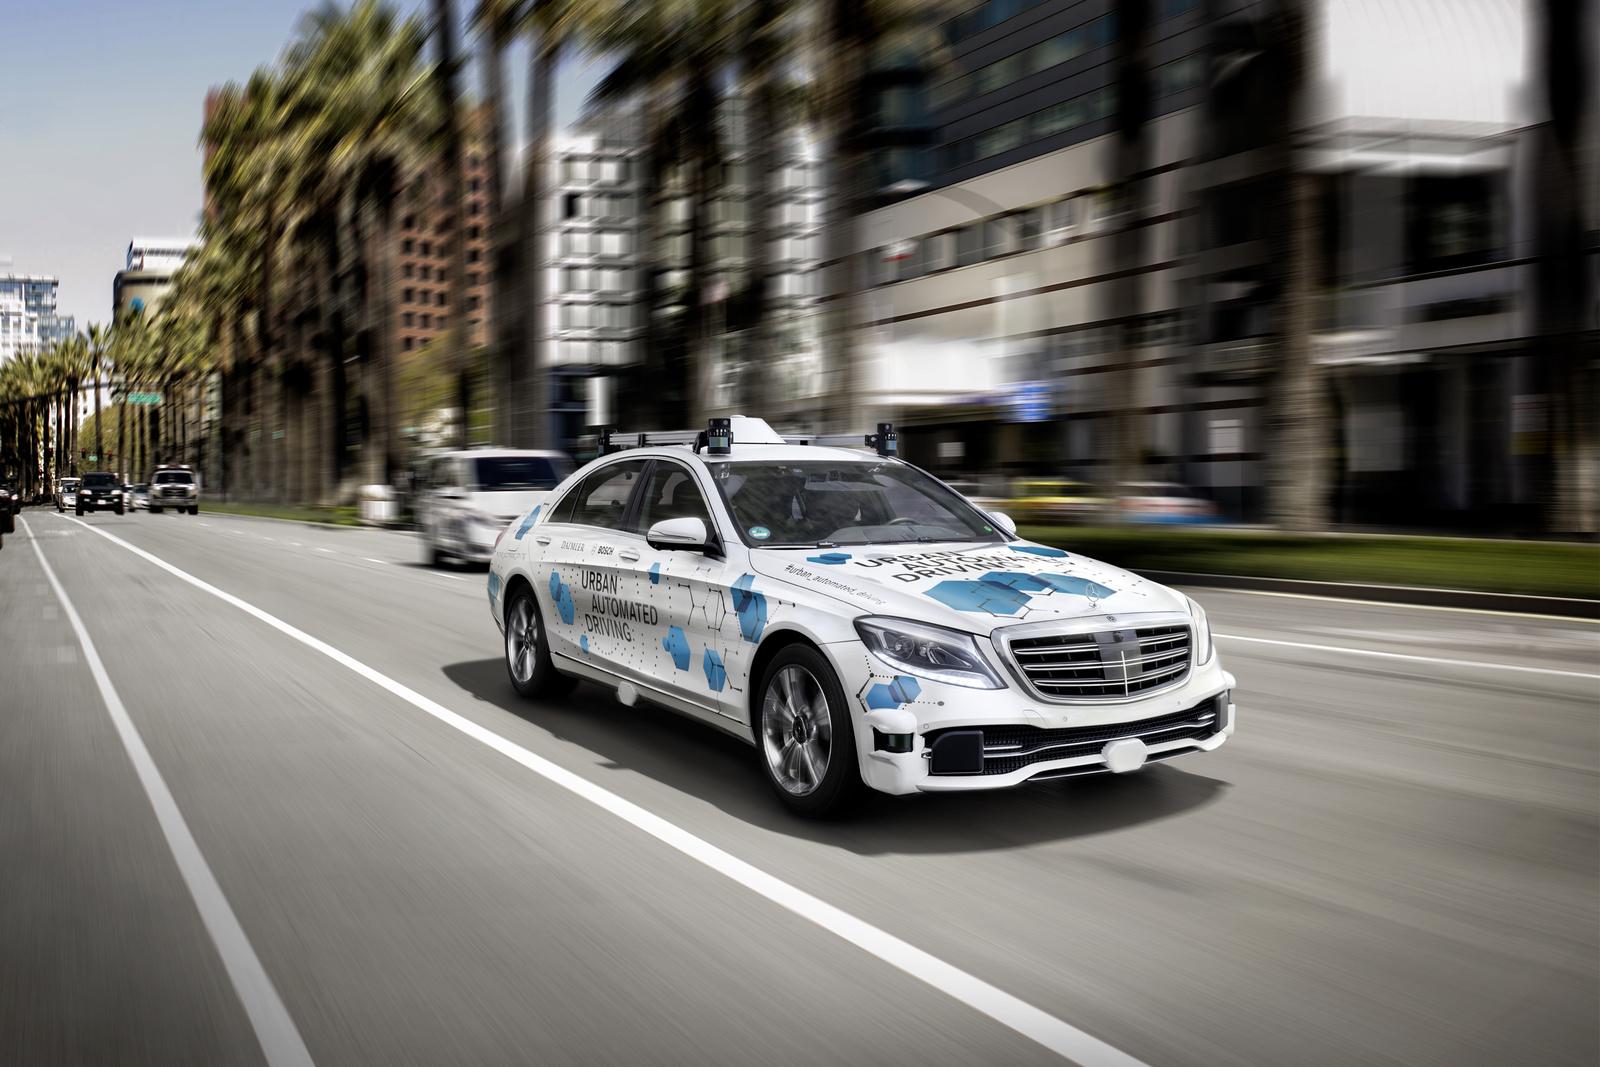 Udržitelná mobilita: Bosch a Daimler nabízejí automatizované řízení vozidel